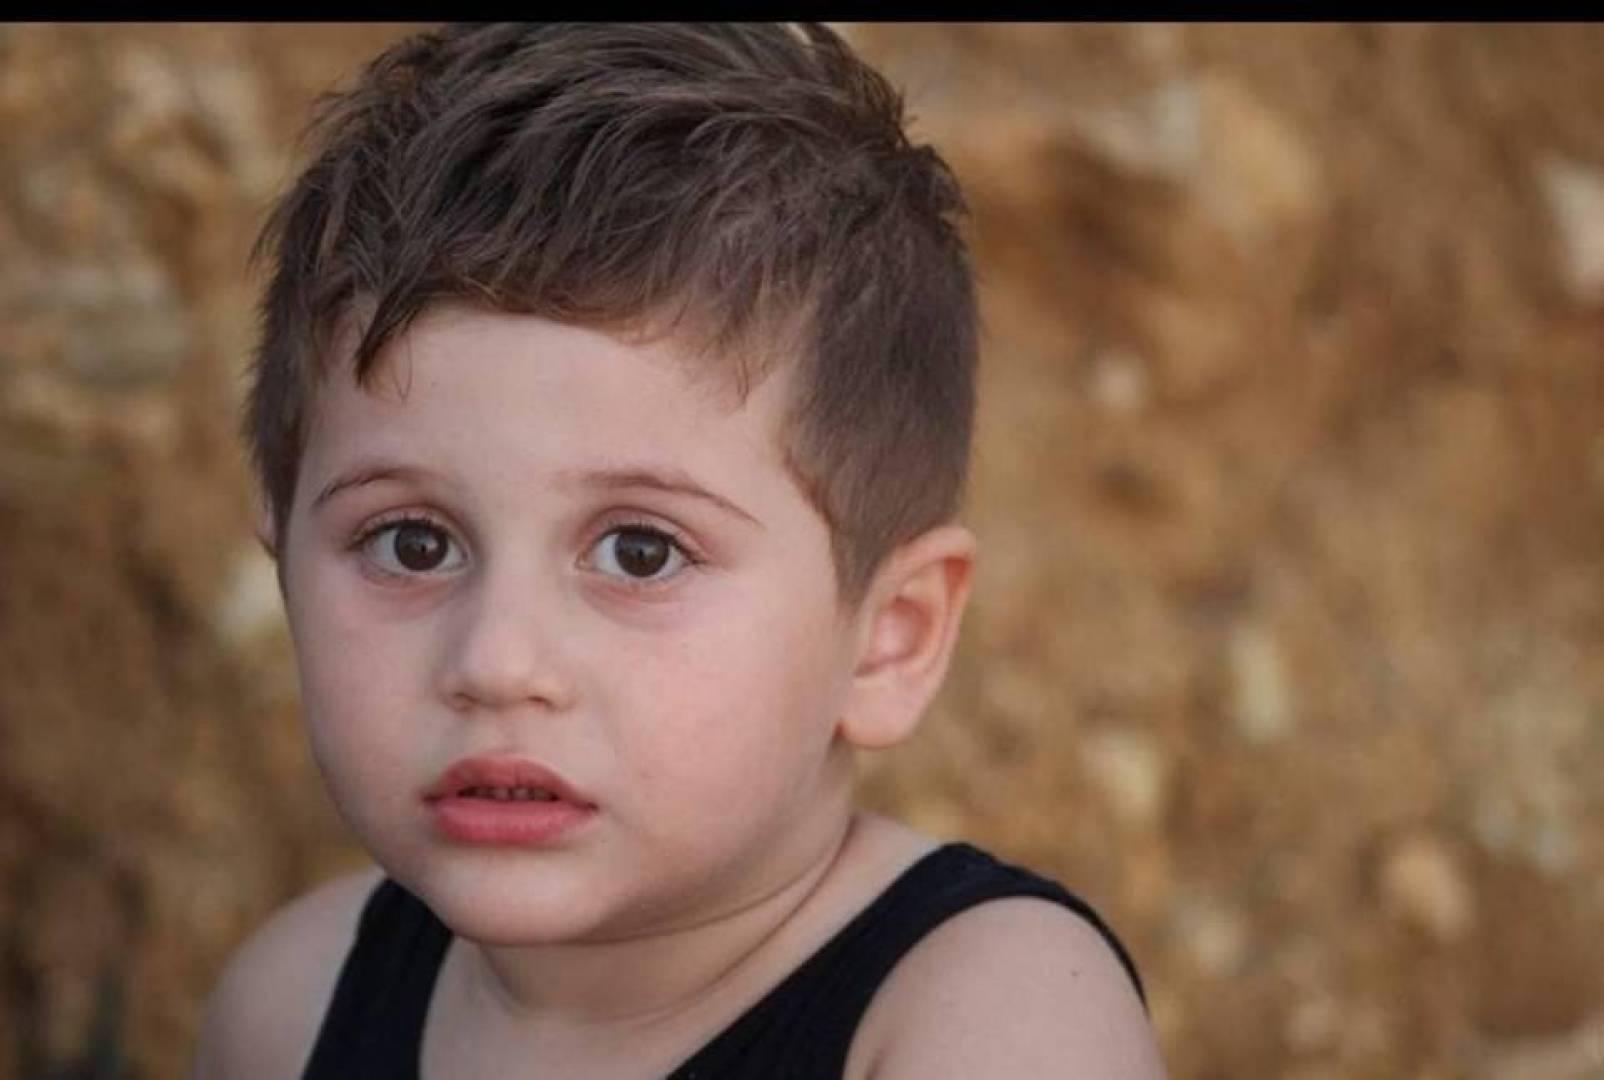 كان يسبح قبل الحادث المشؤوم ..  الموت تربّص بالطفل محمد وهو يهرع من بيت جدّه إلى الشارع